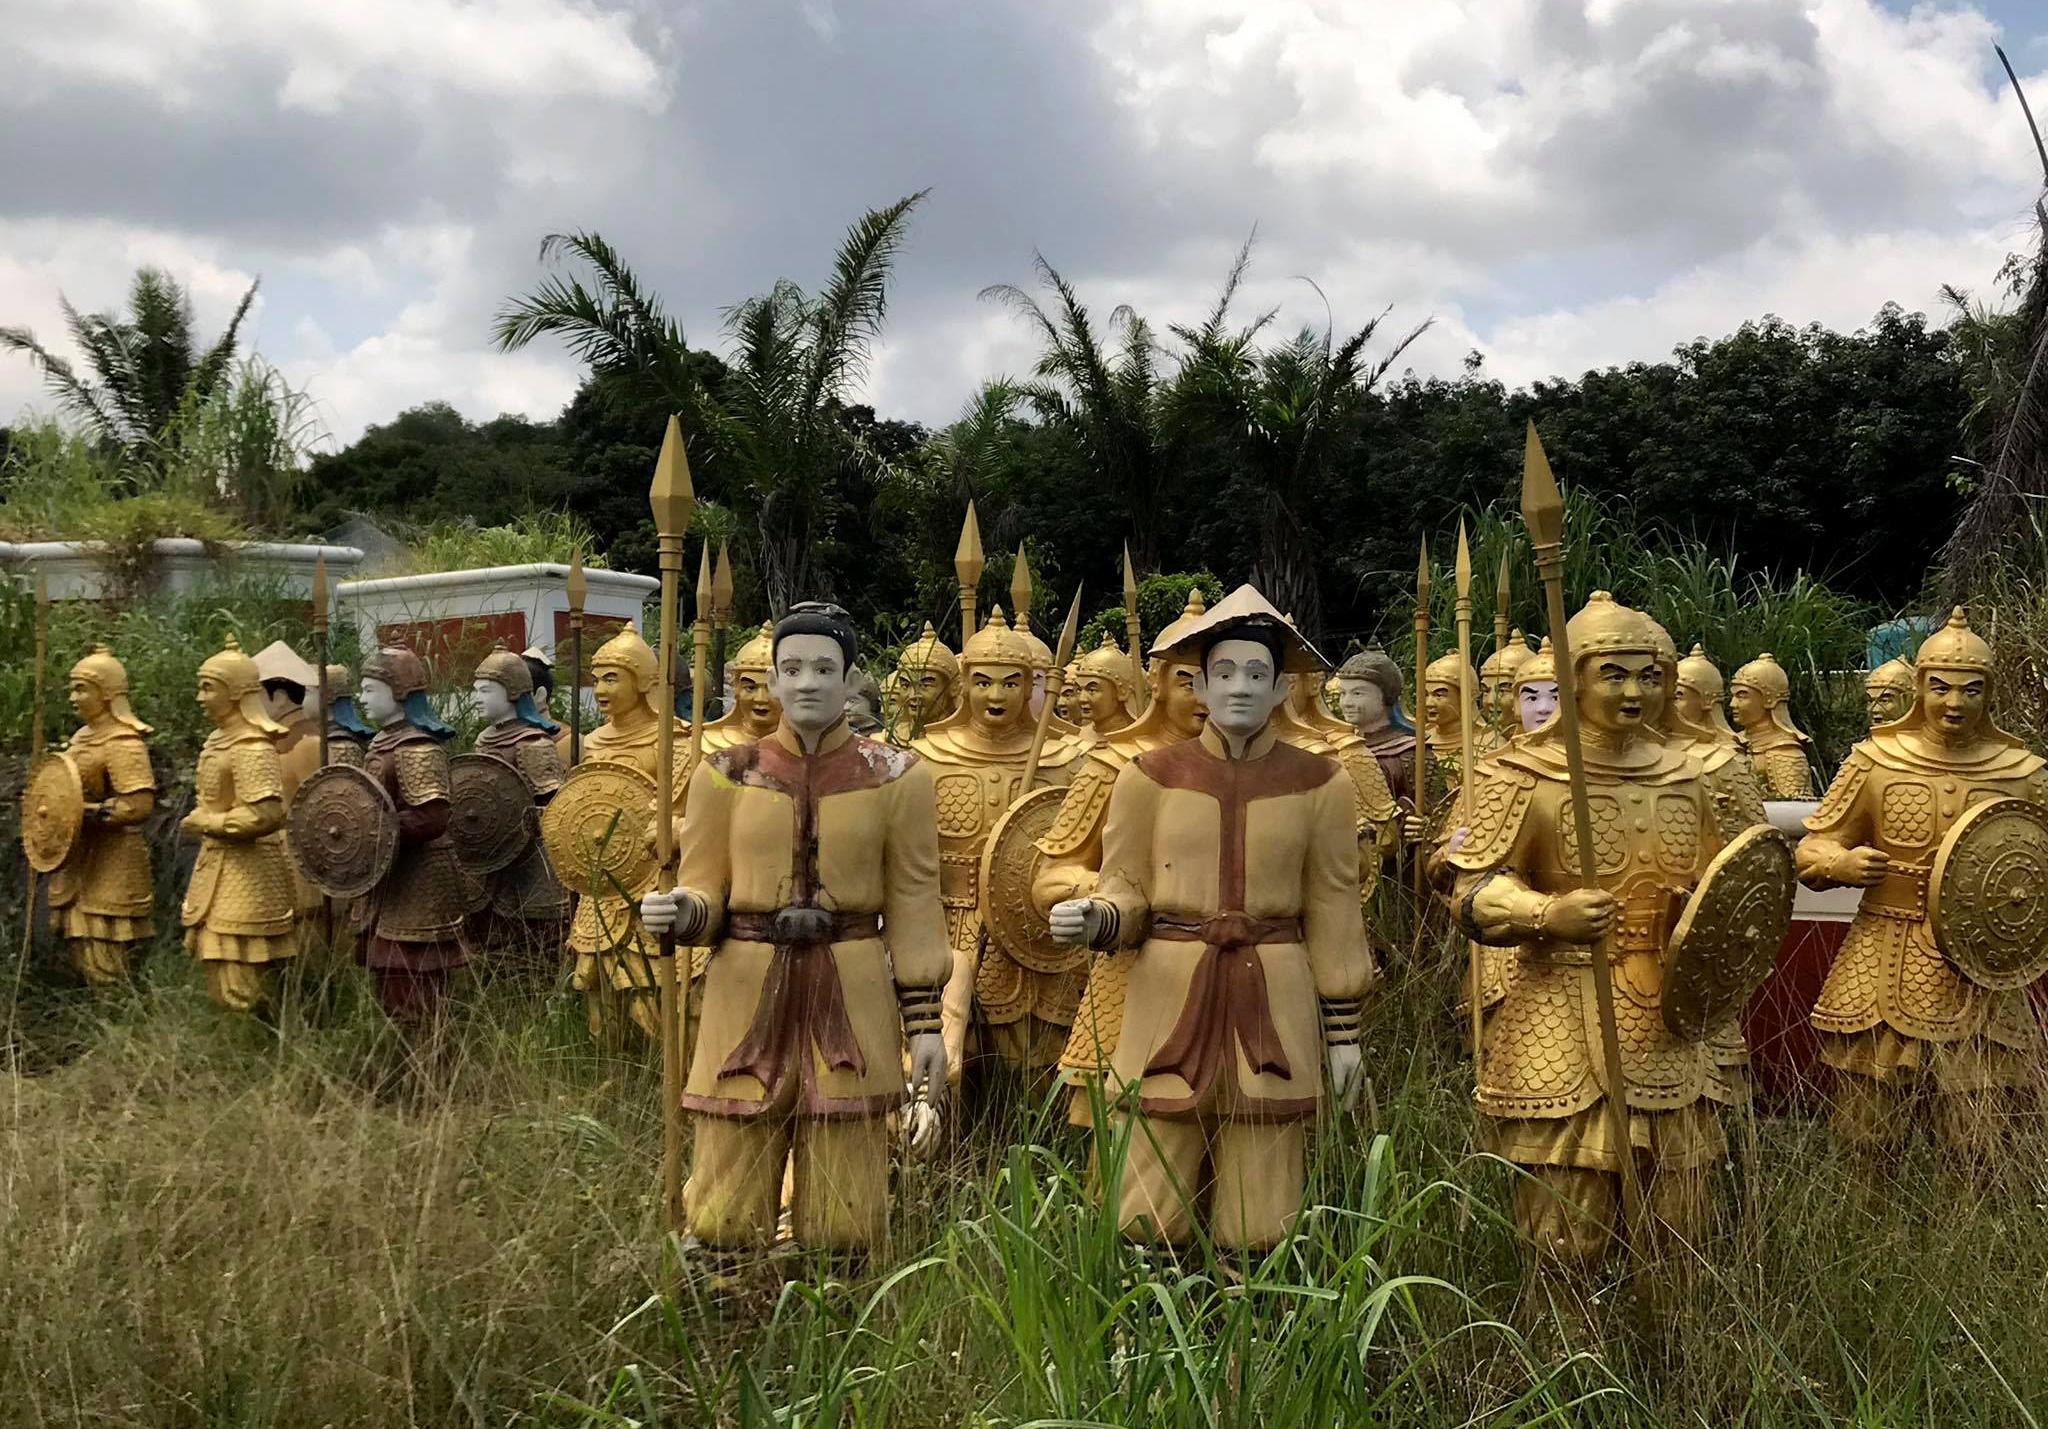 Cận cảnh đội quân đất nung 'giống lính Tần Thuỷ Hoàng' trong bãi phế liệu